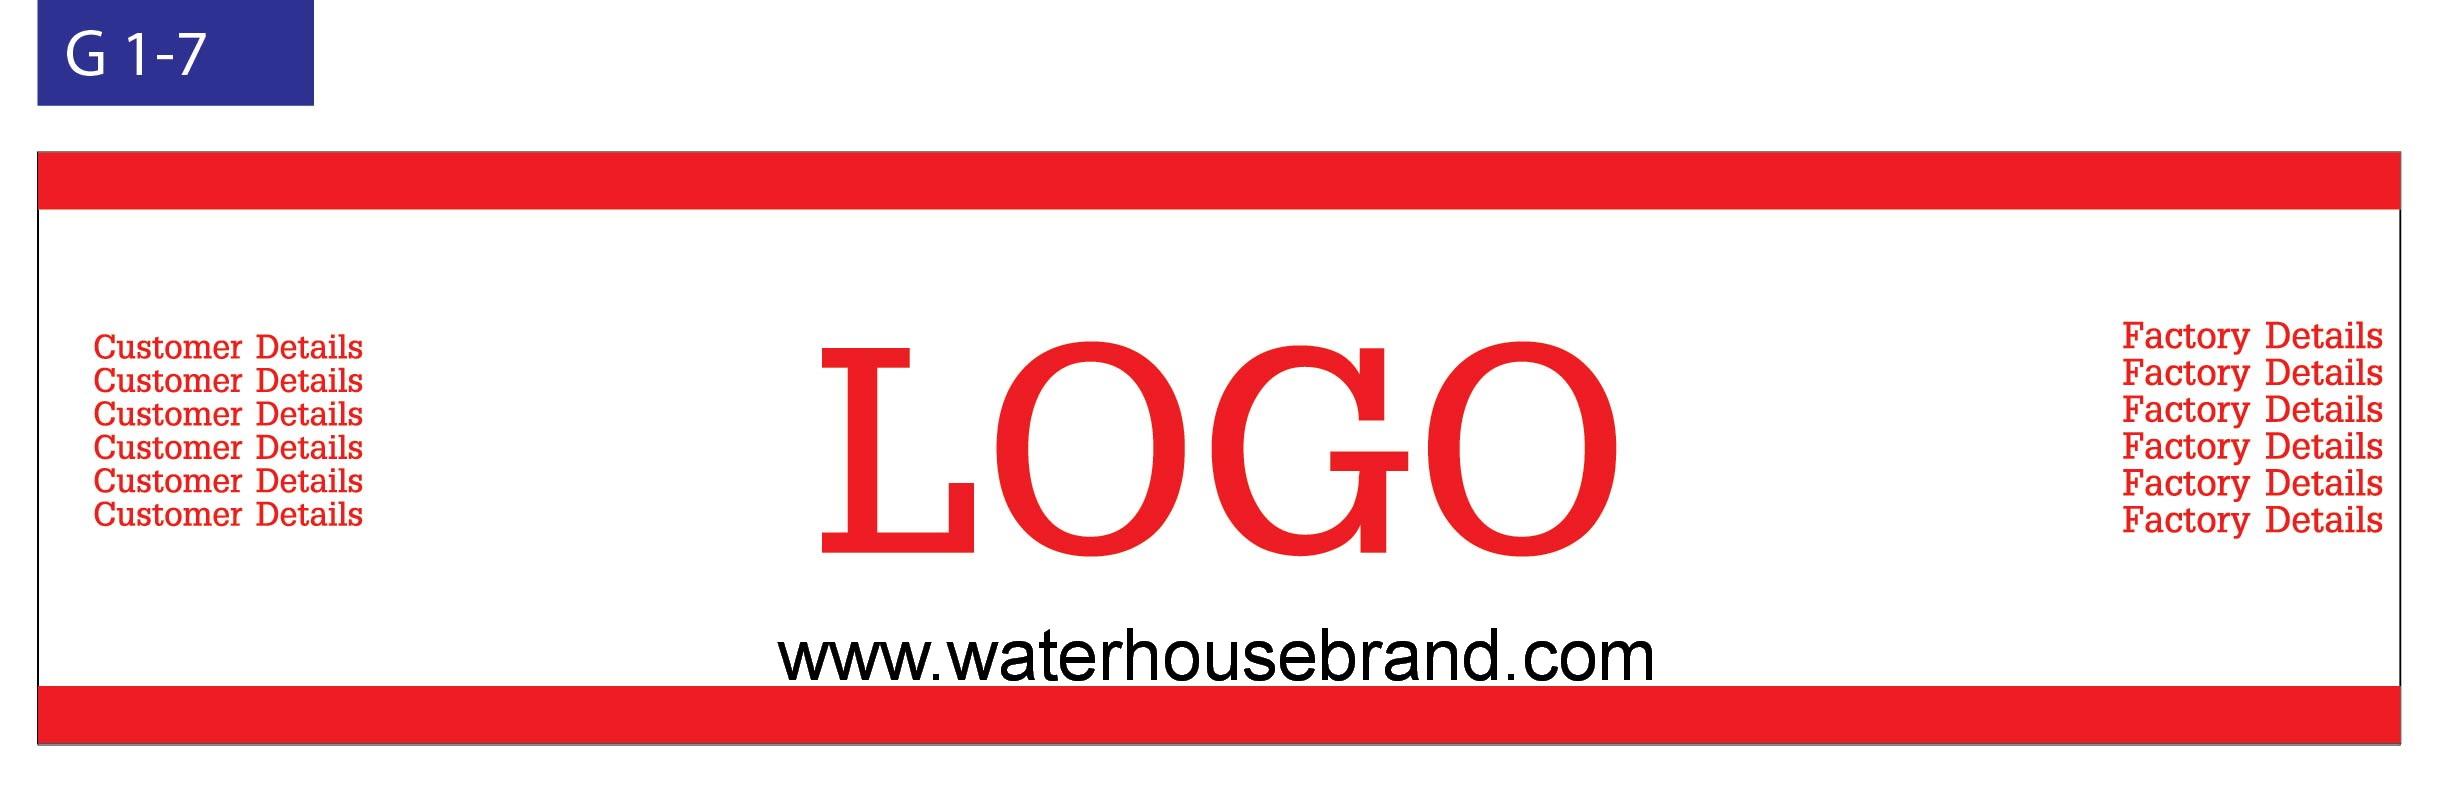 waterhouse-แบบฉลากน้ำดื่ม-g17